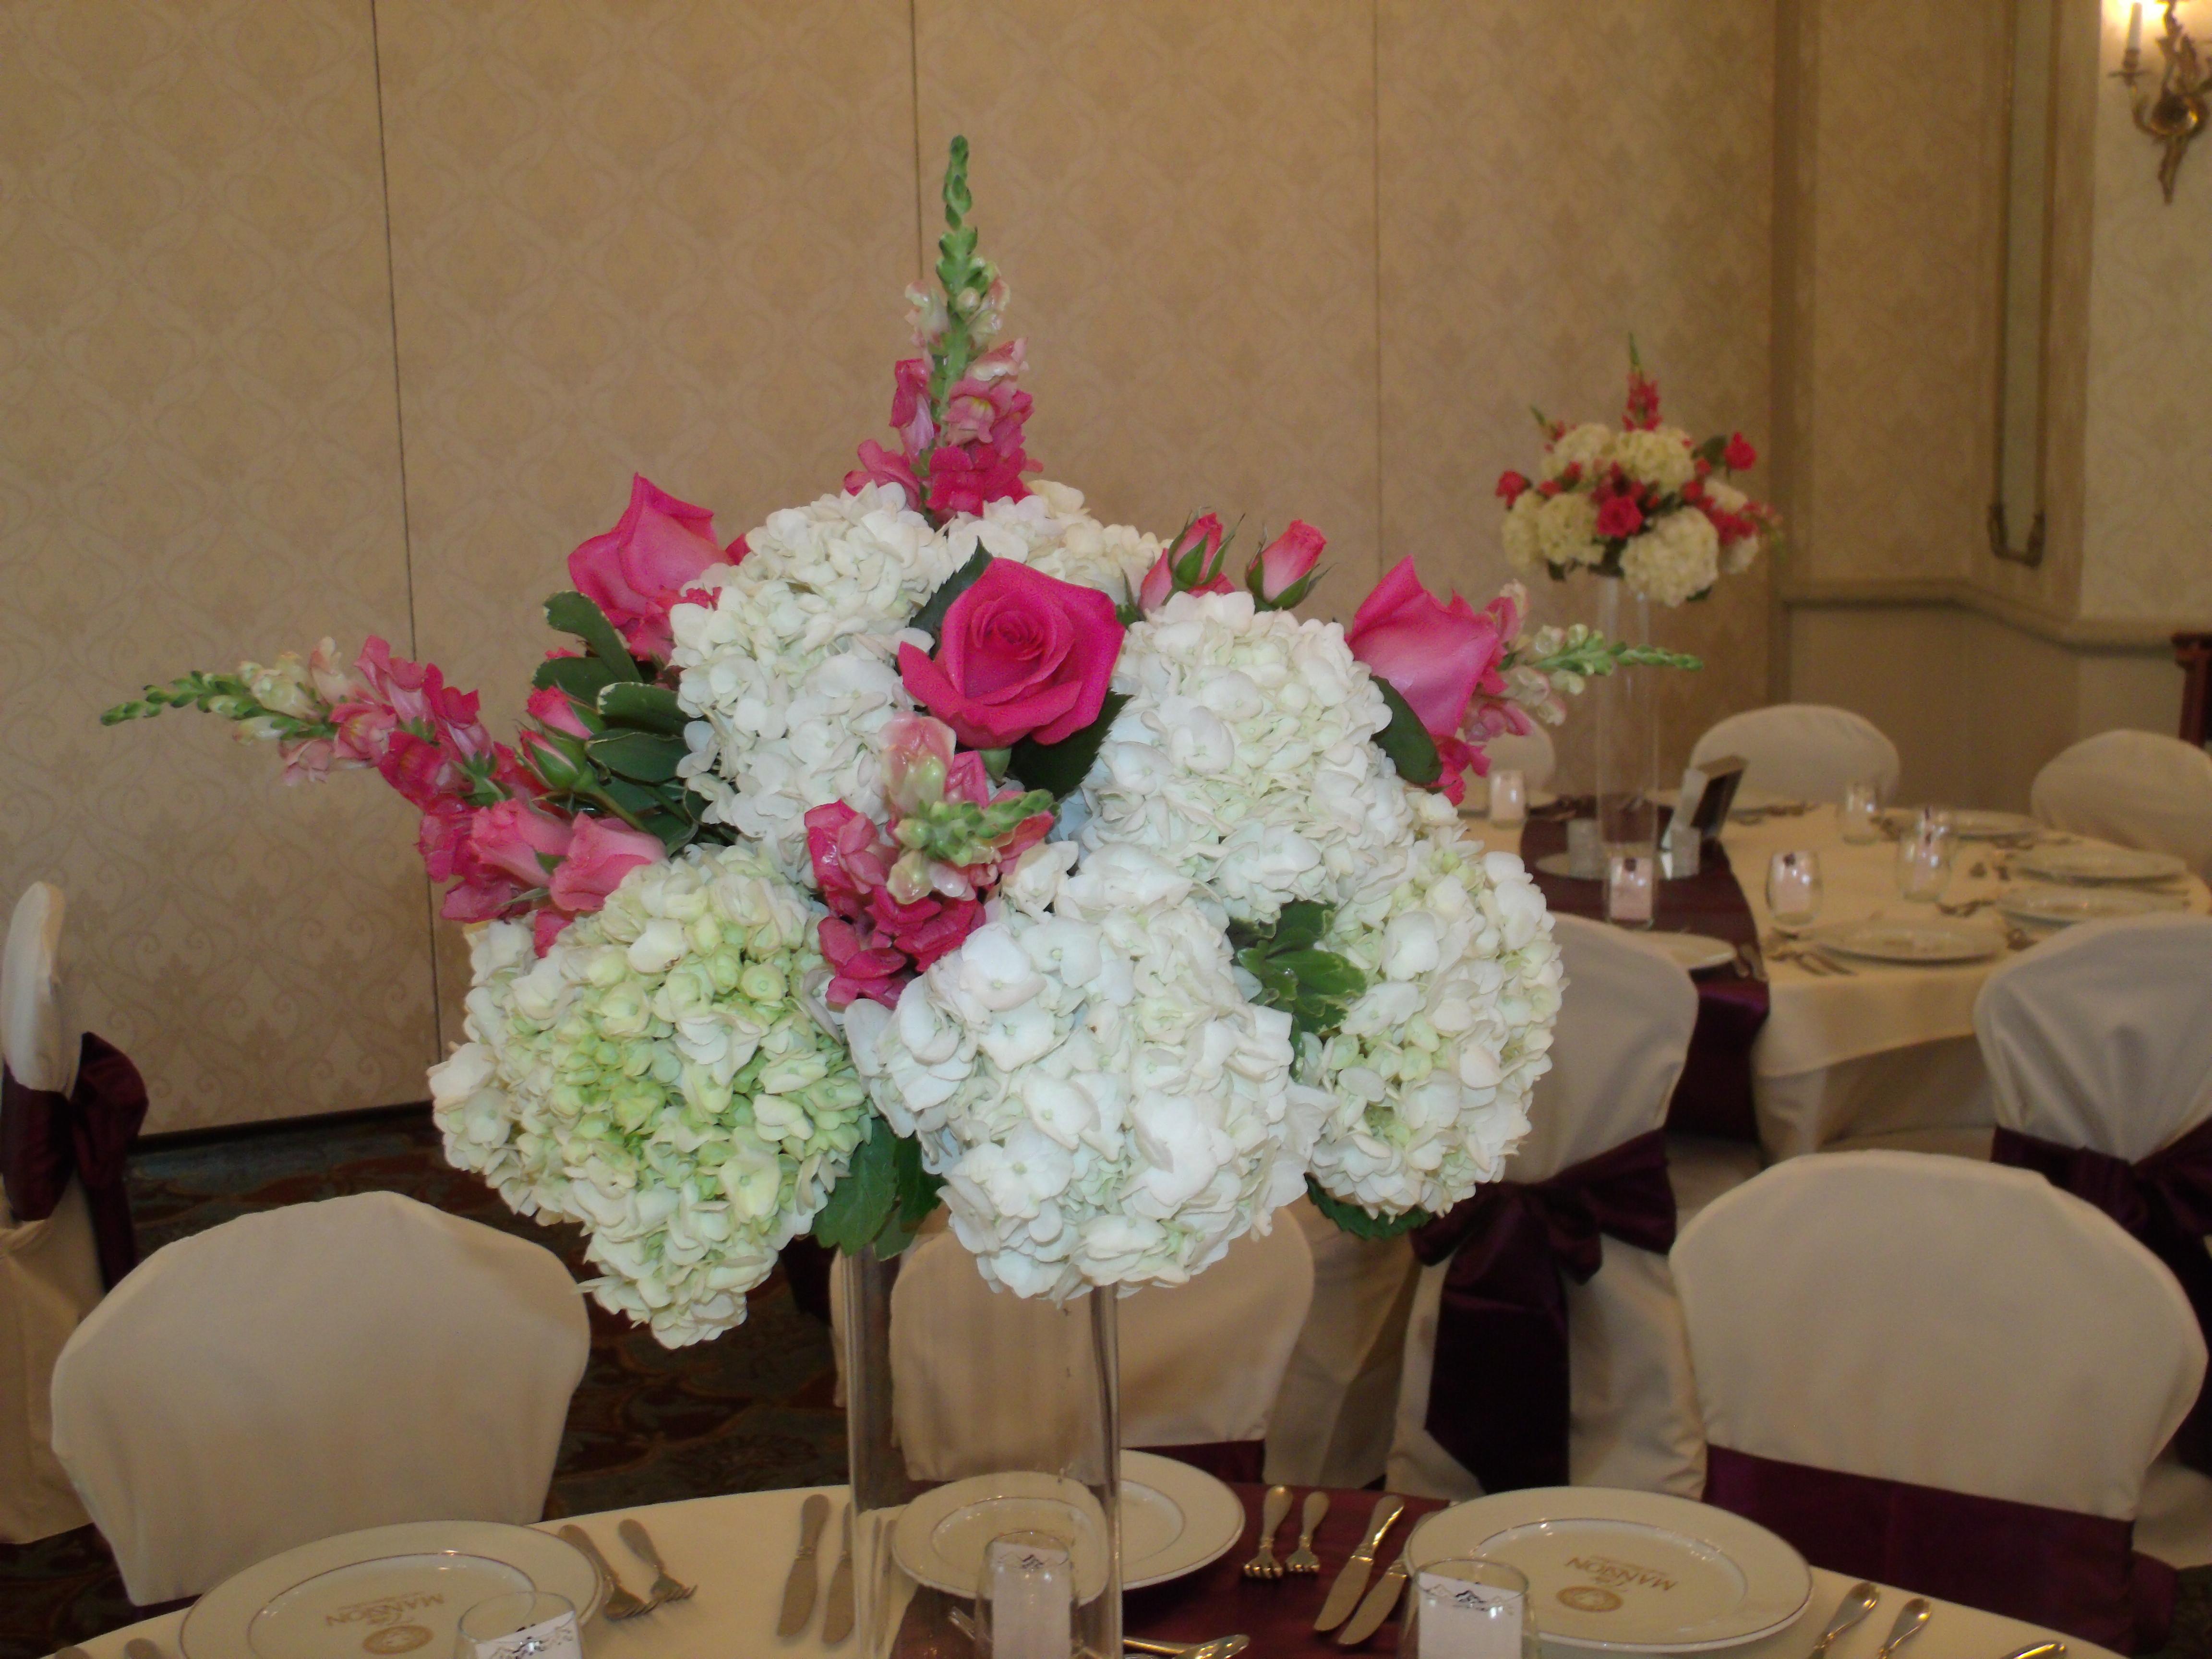 Wedding centerpiece tall